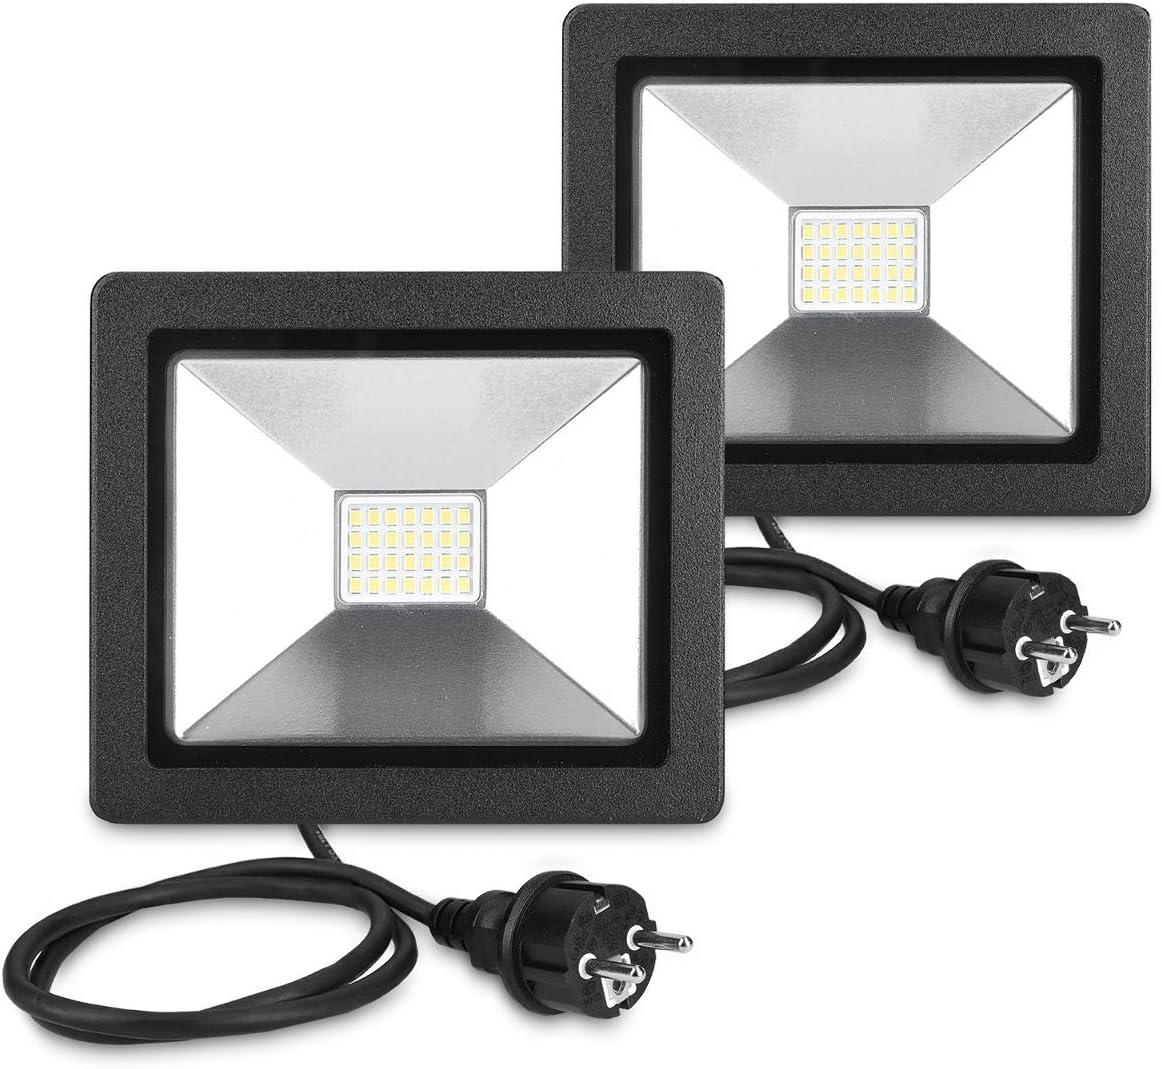 kwmobile 2x LED Flutlicht Baustrahler 20W Arbeitsleuchte Strahler mit 3m Netzkabel und Stecker Garten Scheinwerfer LED-Strahler Baustellen Lampe